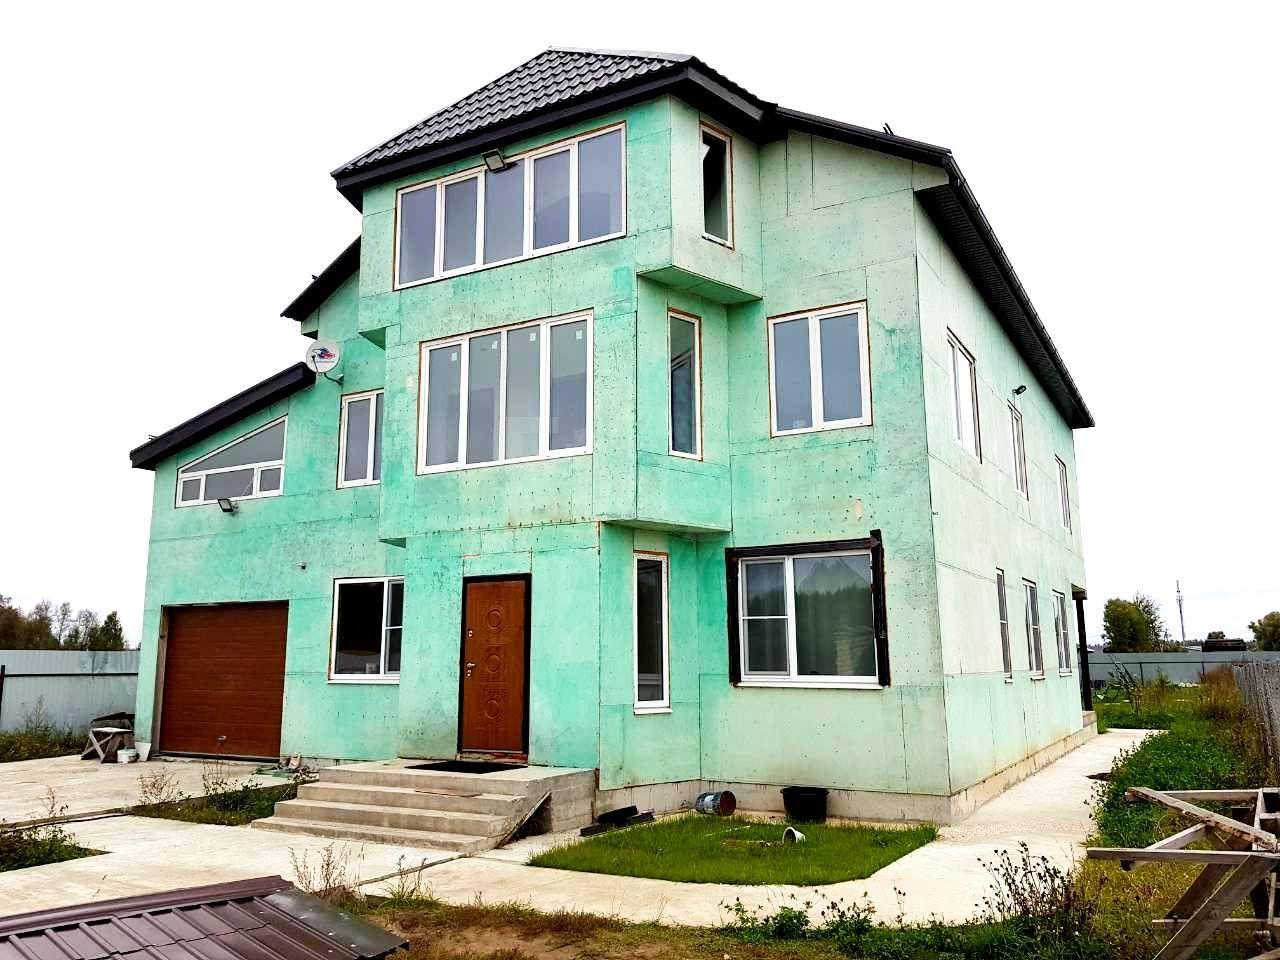 Ковардицы, Лесная 5-я, дом  с участком 12 cотка на продажу